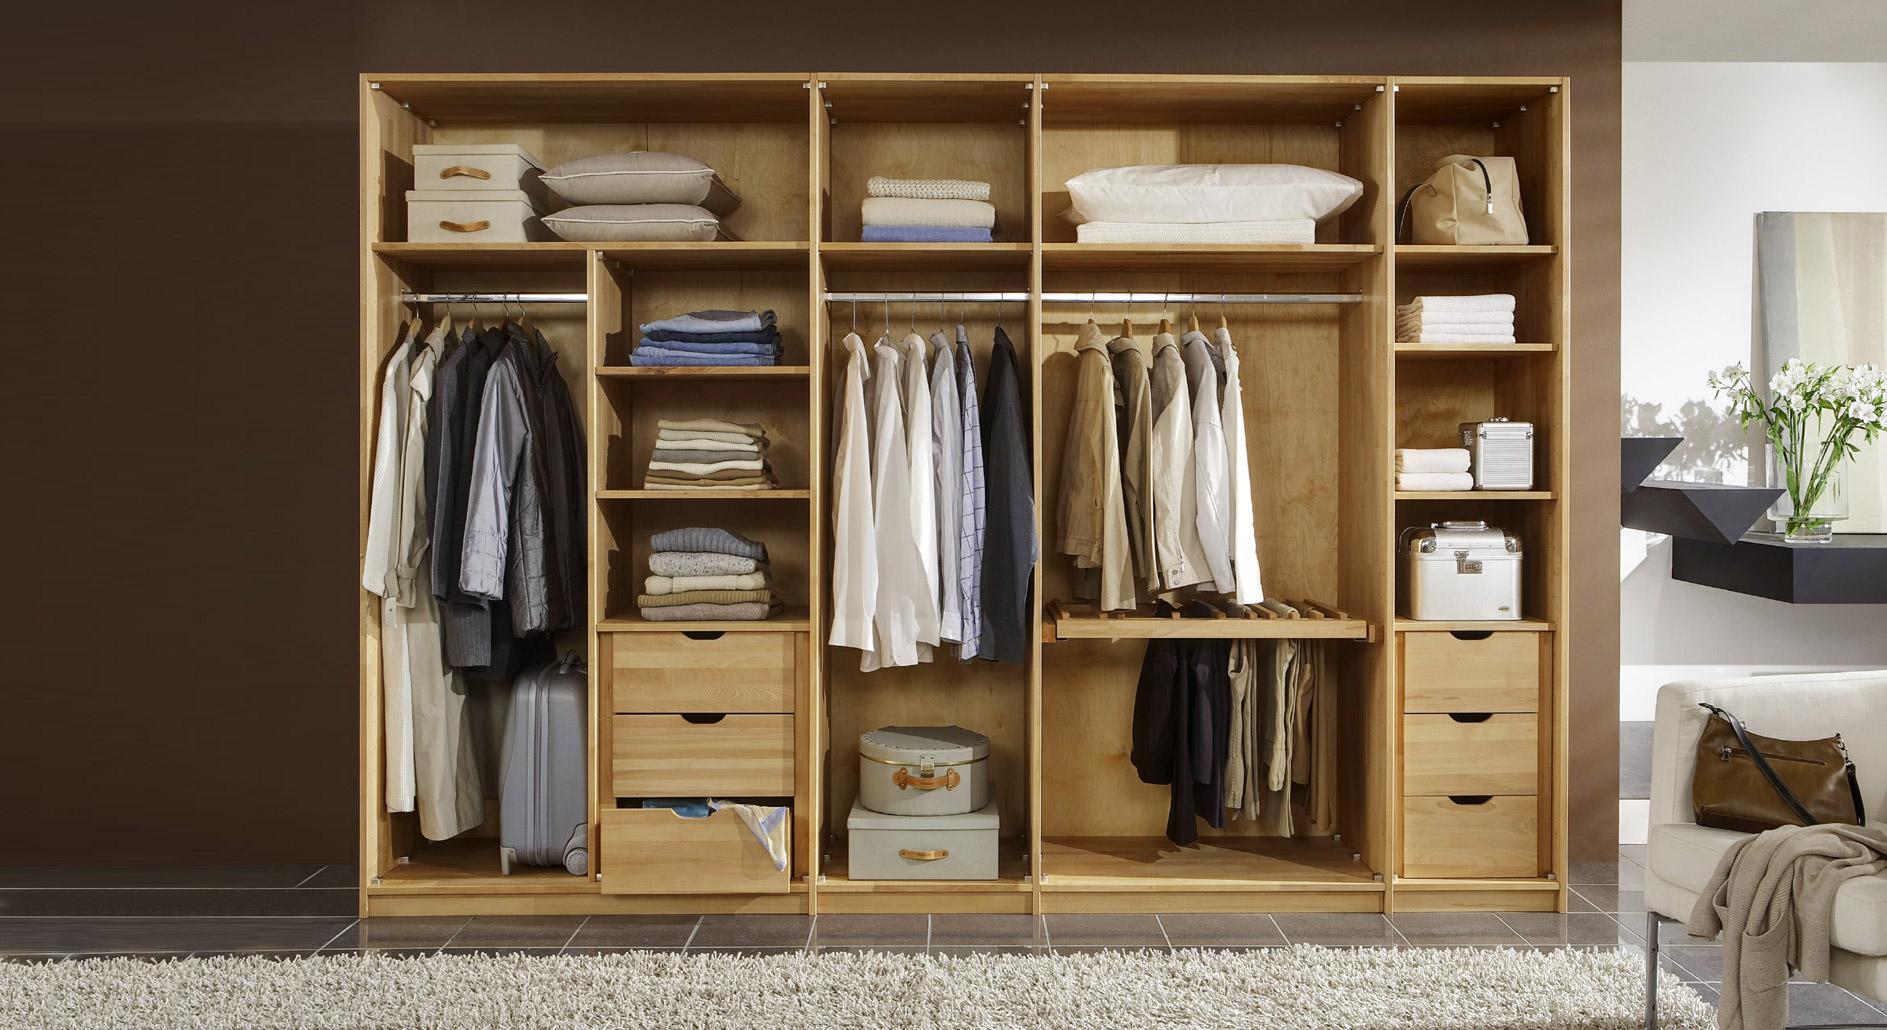 Zubehör für die Inneneinrichung von Kleiderschränken